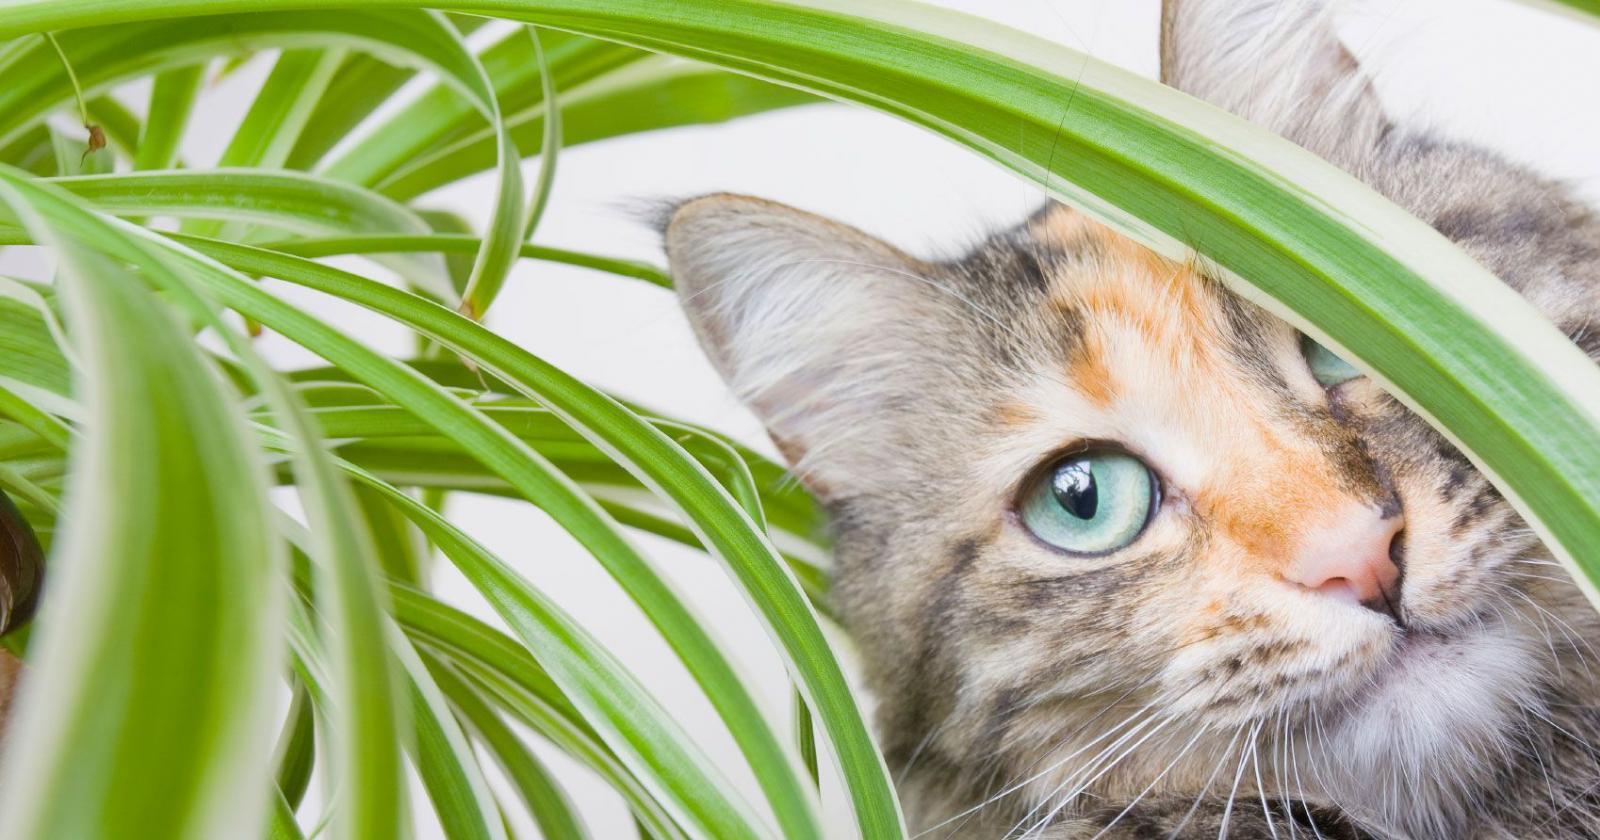 Diese zimmerpflanzen sind giftig f r unsere fellnasen - Zimmerpflanzen giftig ...